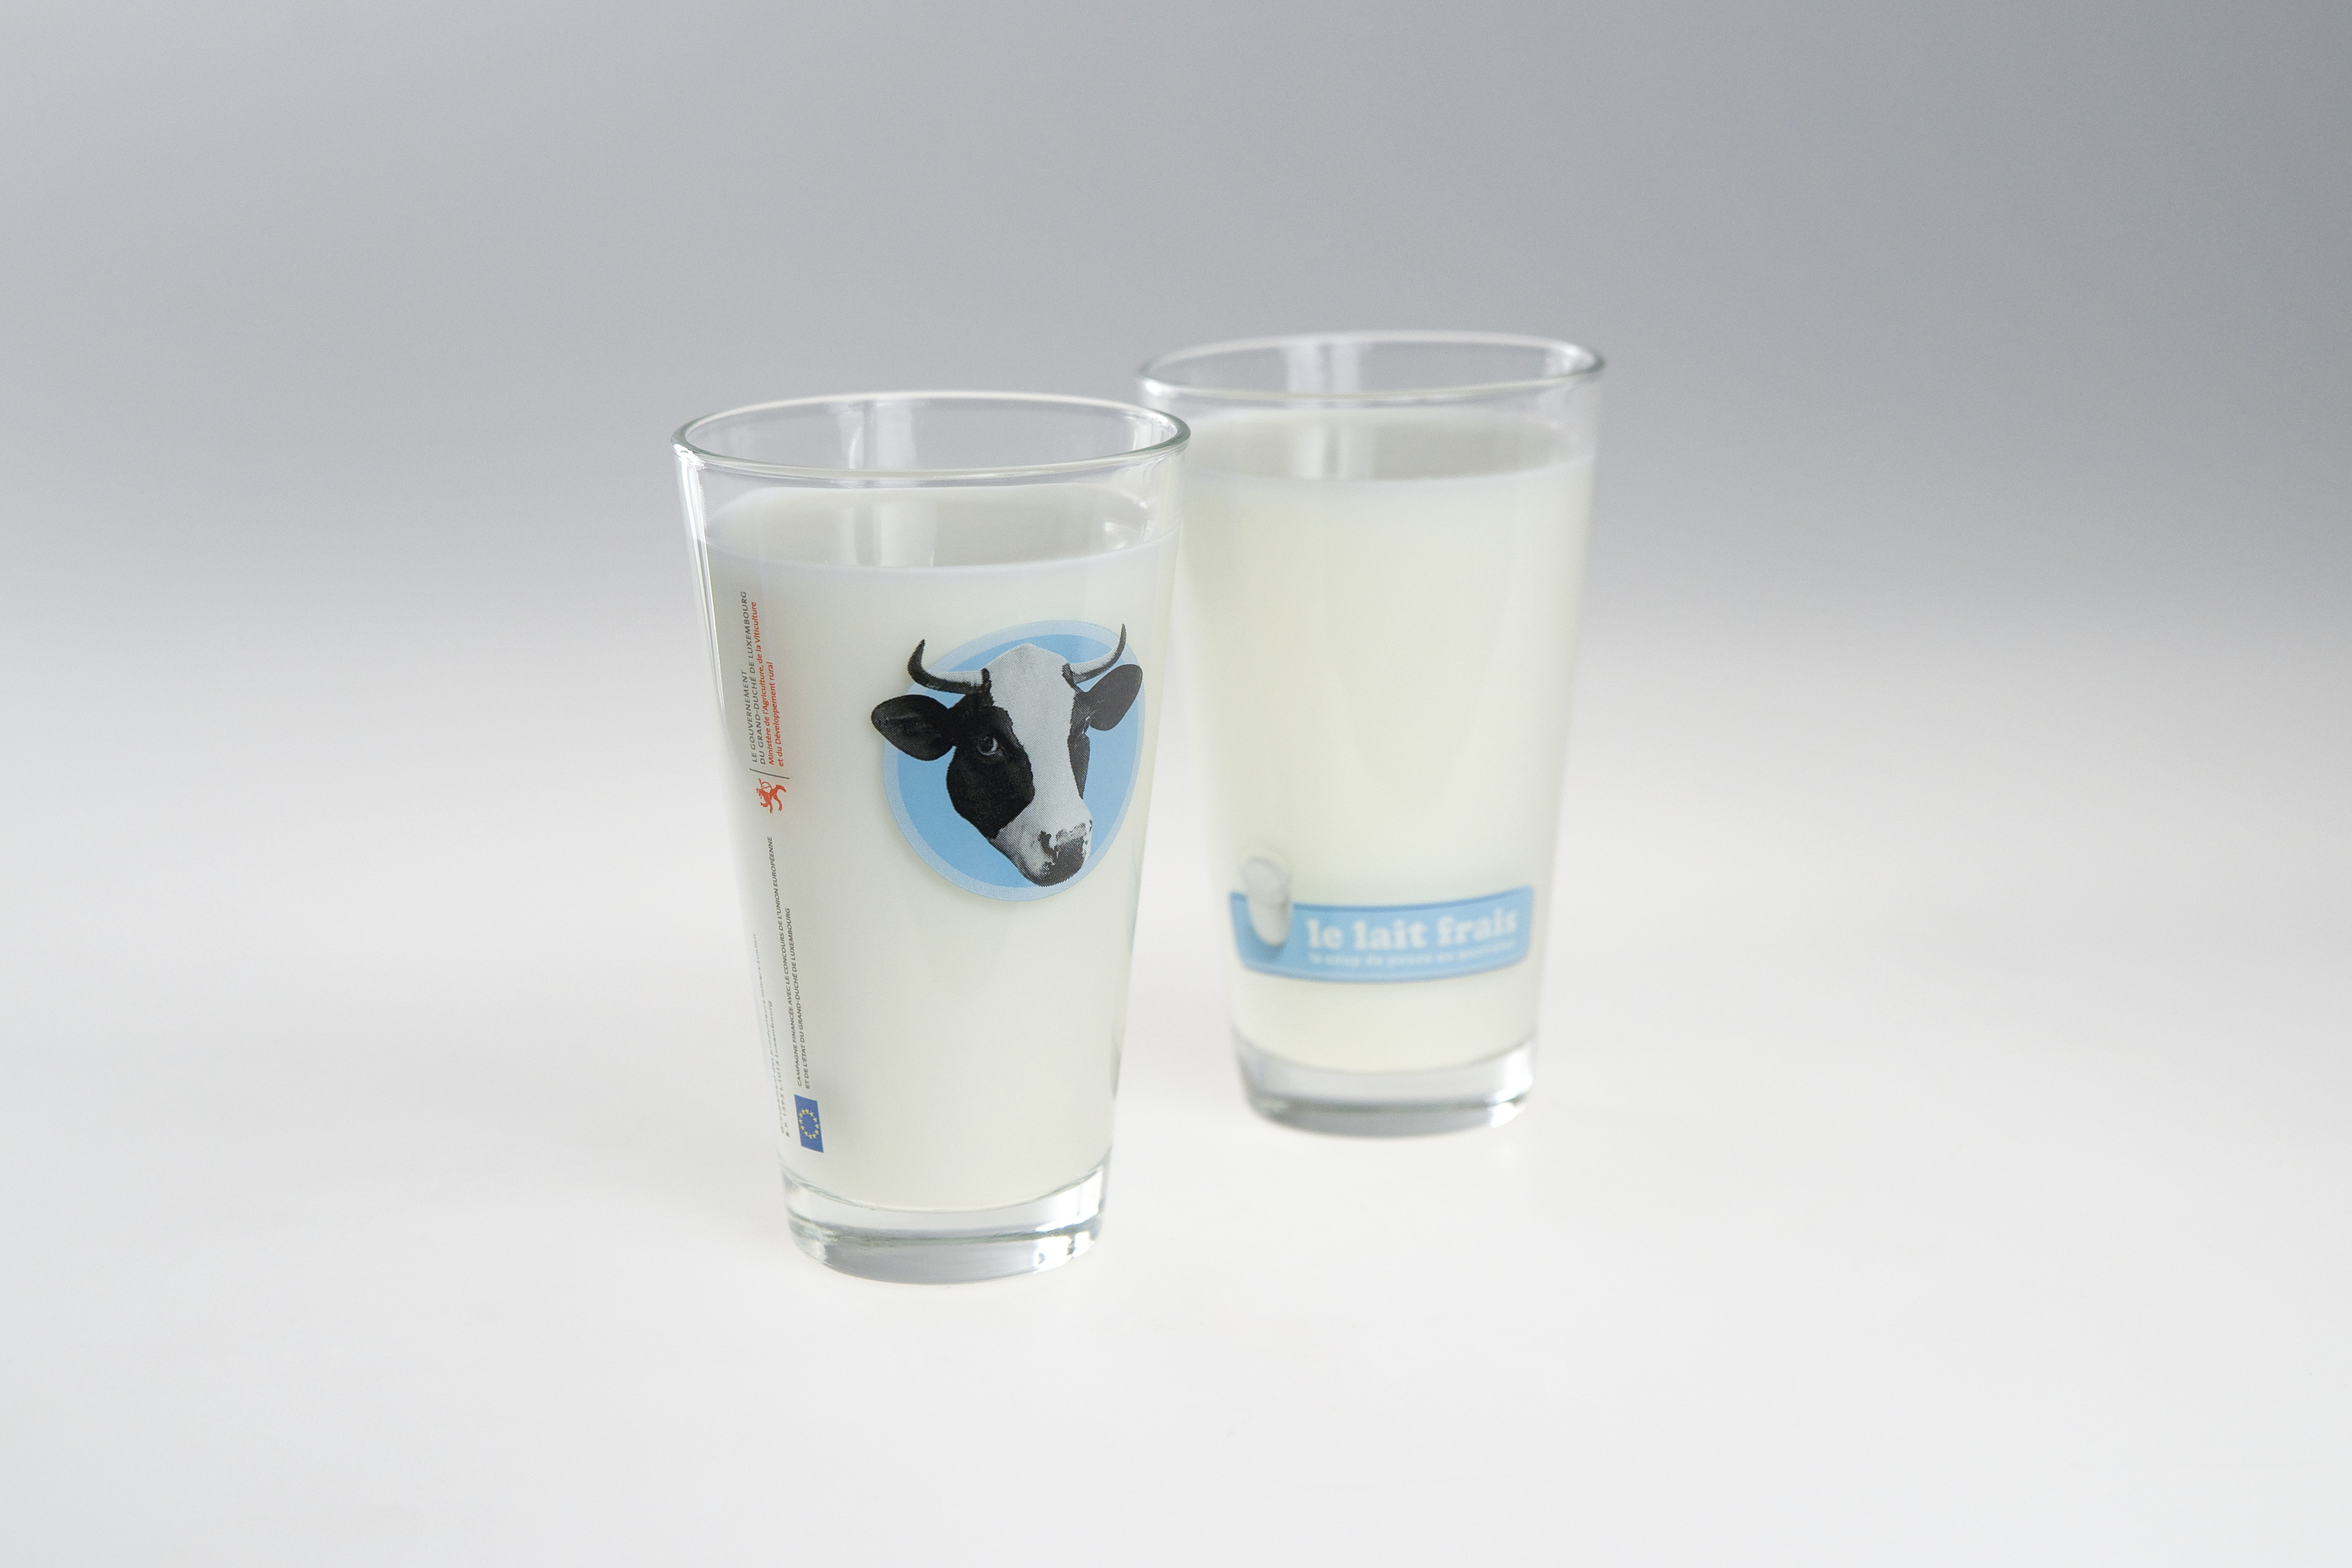 Milchglas mit Werbemotiv | Lerche Werbemittel